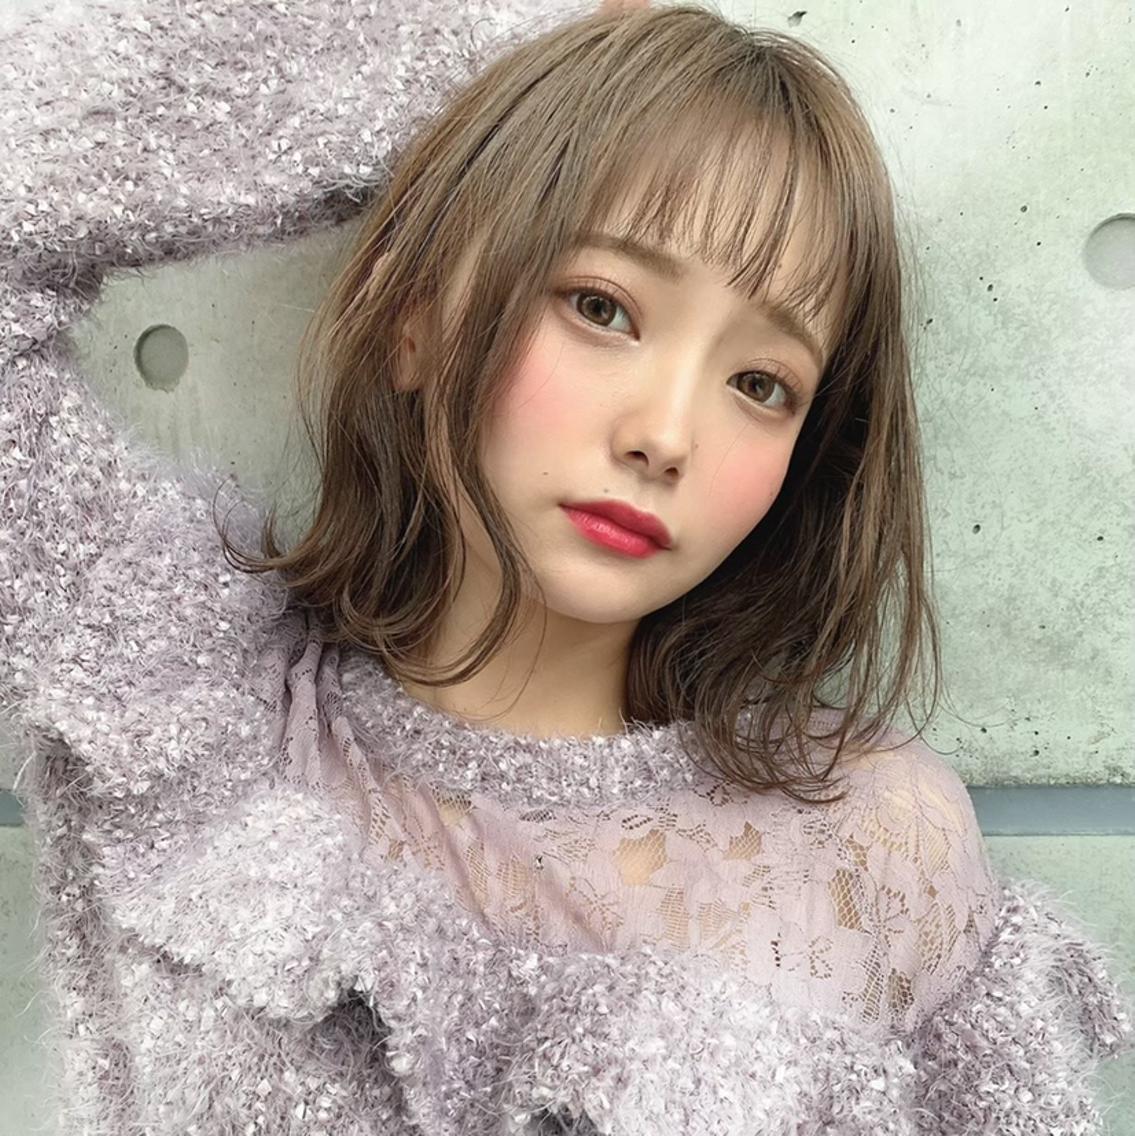 SHE所属・🌈ピンク系、透明感 カラー大人気🌈拓未の掲載